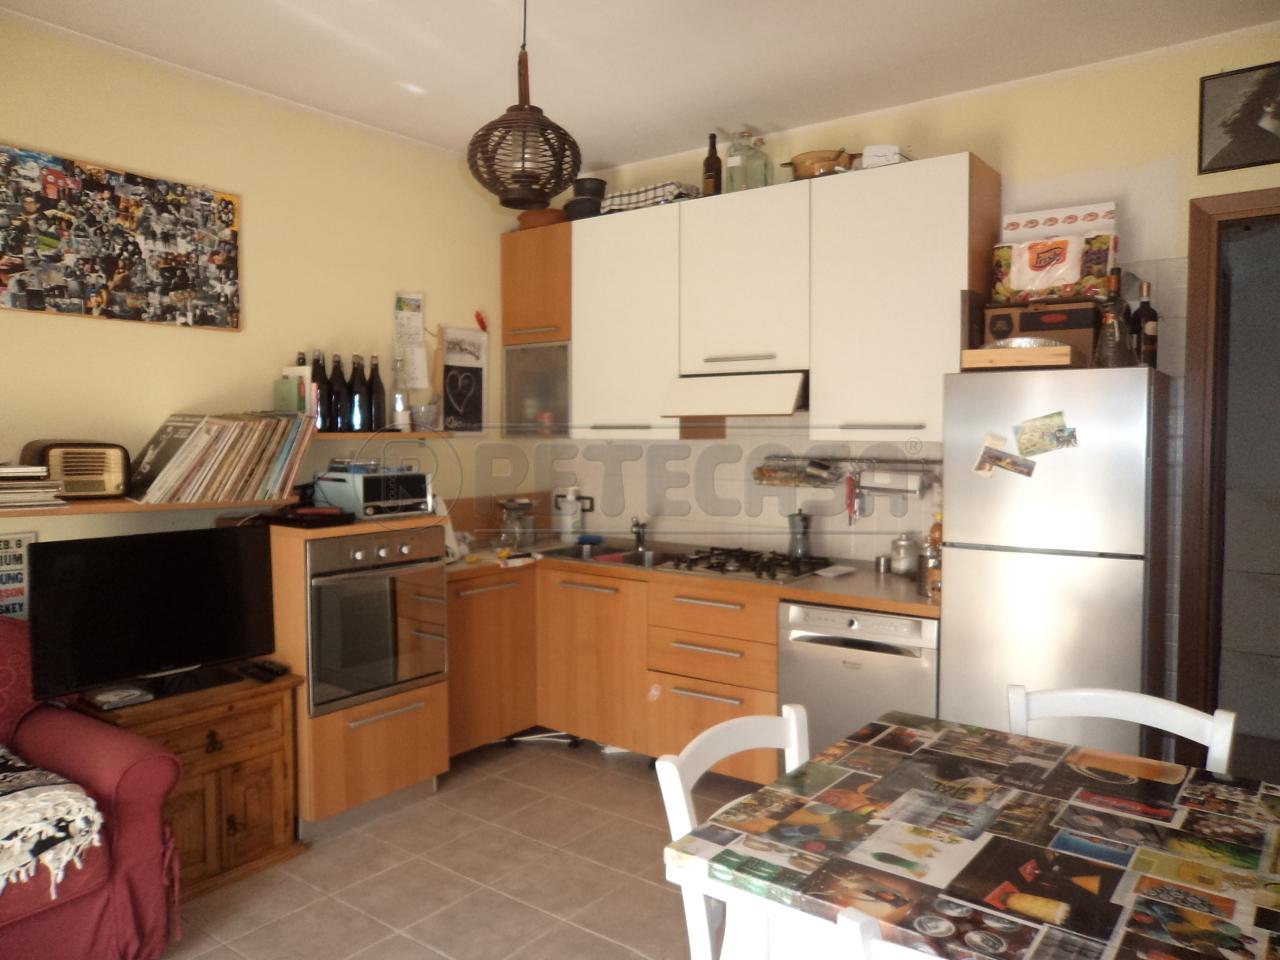 Appartamento in vendita a San Giorgio delle Pertiche, 9999 locali, prezzo € 75.000 | Cambio Casa.it